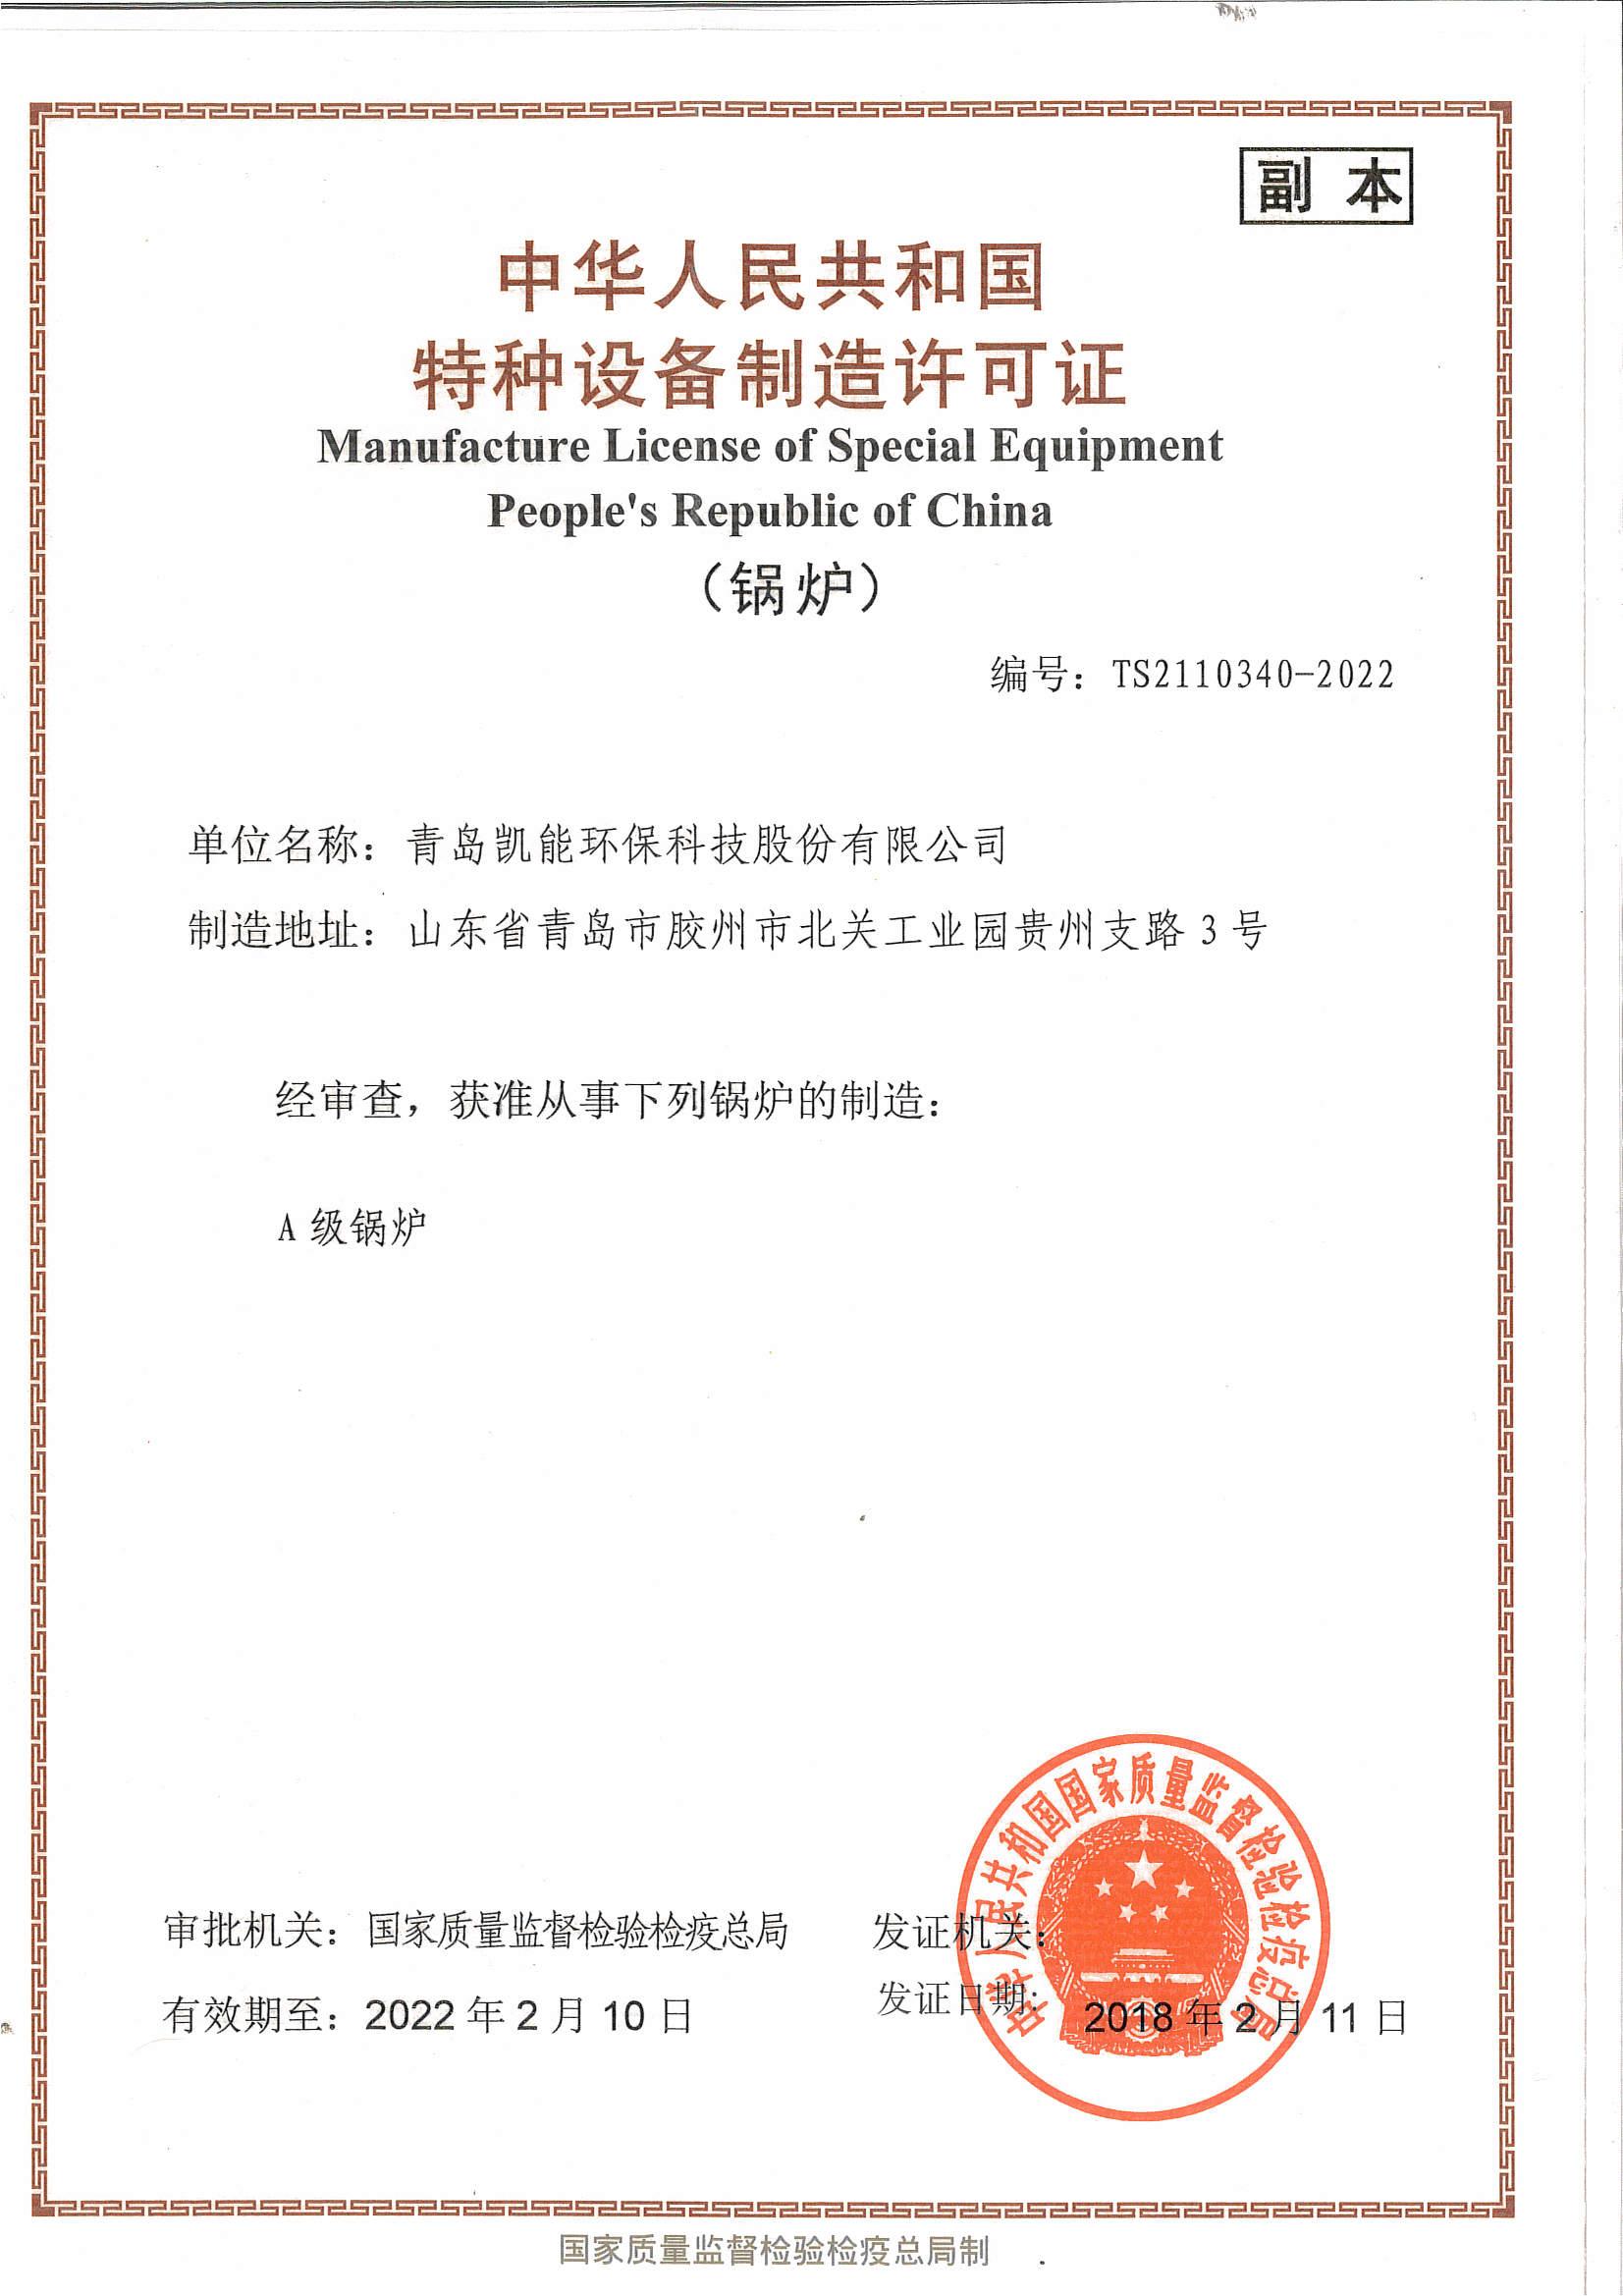 A级锅炉制造许可证-凯能科技